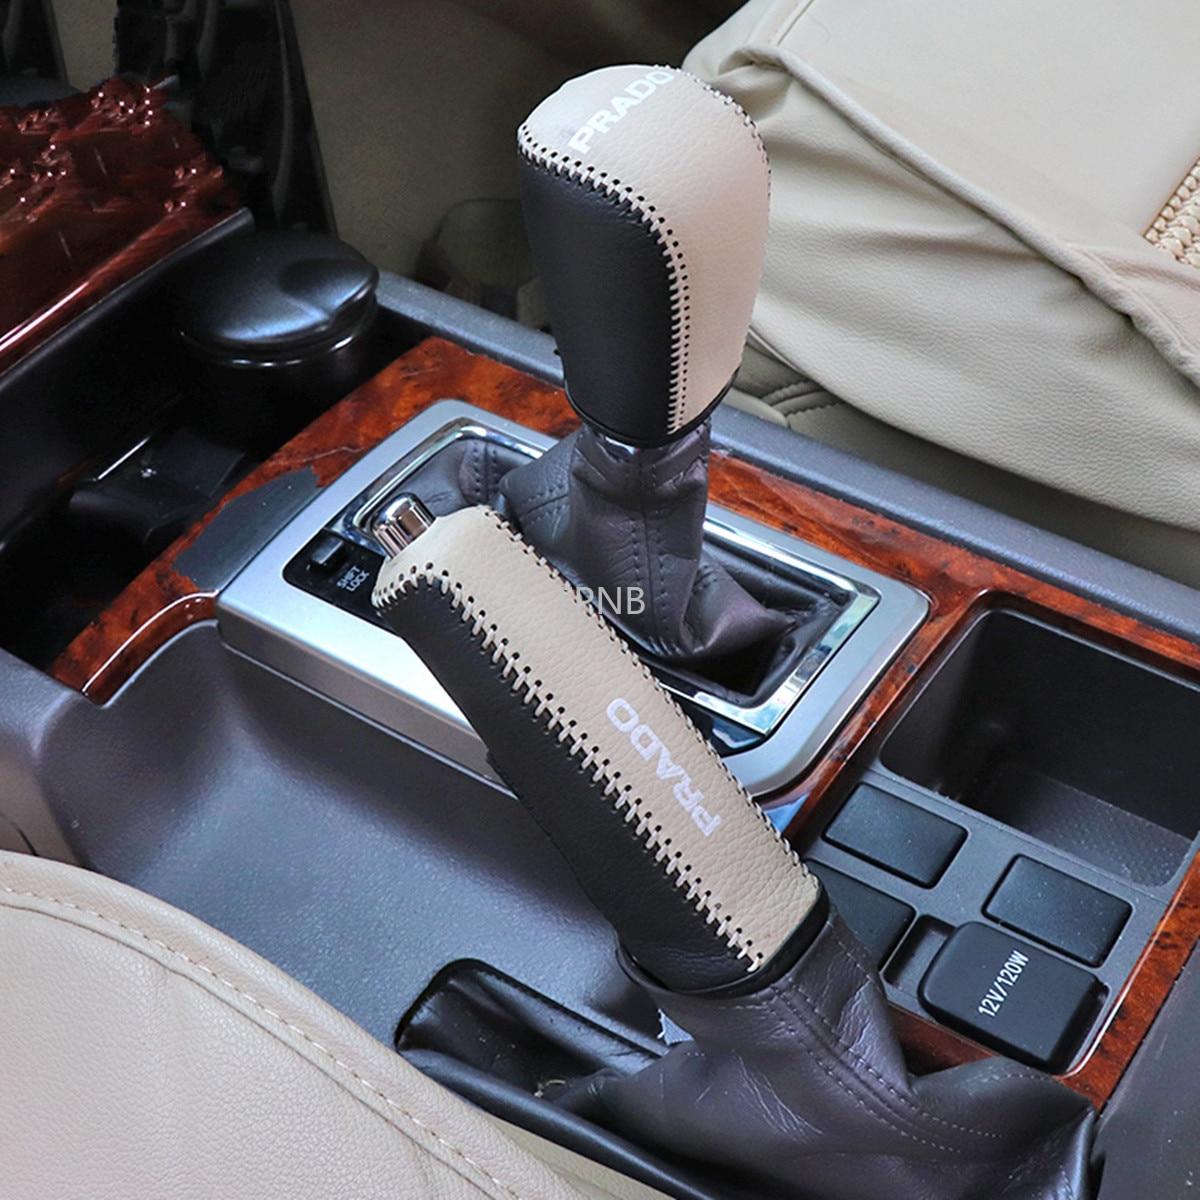 Echt Lederen Pookknop Handrem Cover Voor Toyota Land Cruiser Prado 150 2010 2012 2013 2014 2015 2016 2017 2018